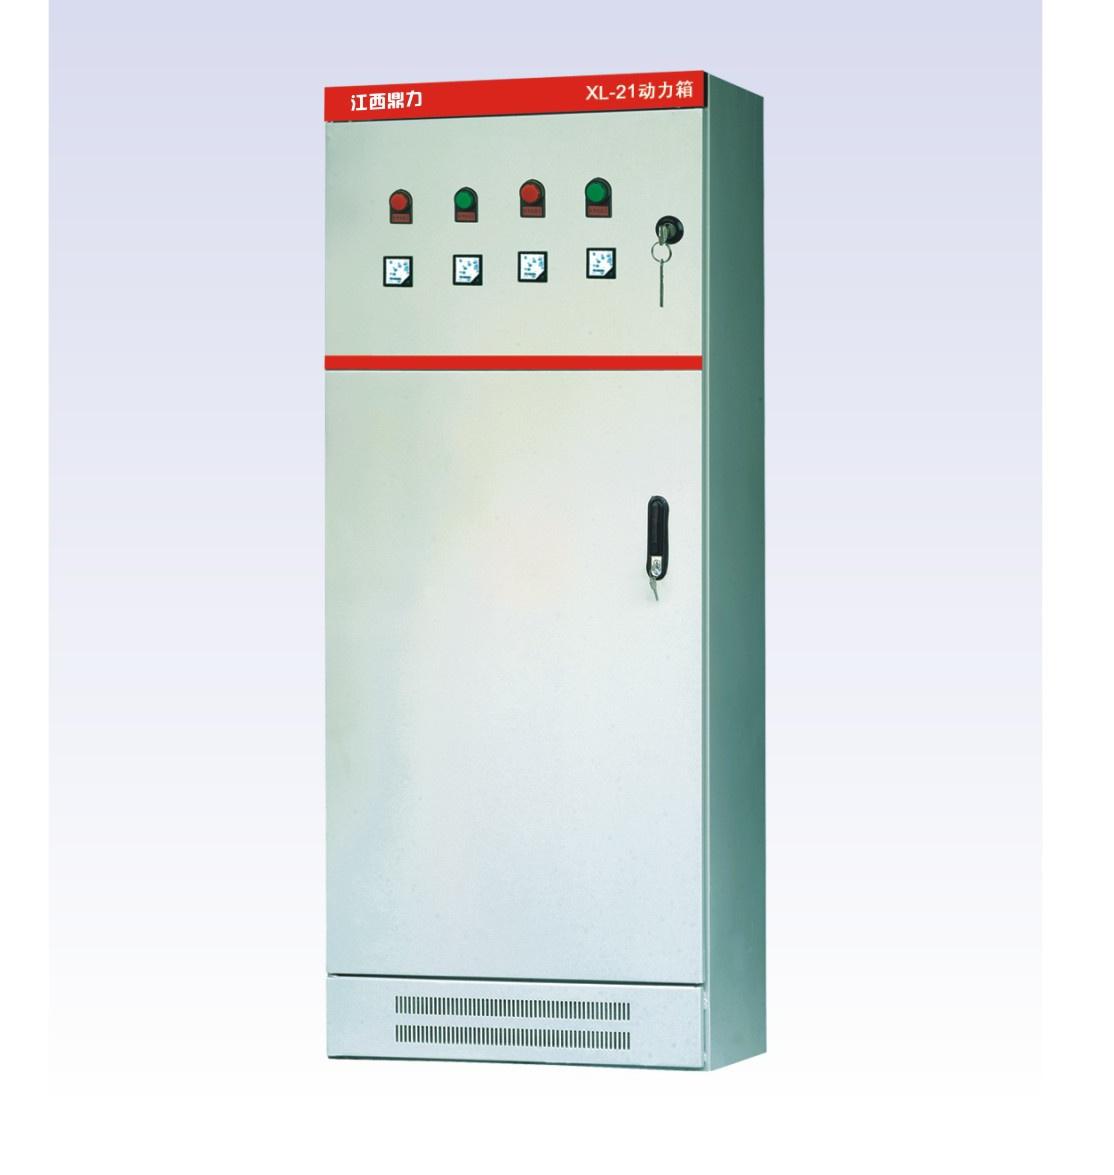 XL(F)21动力配电柜